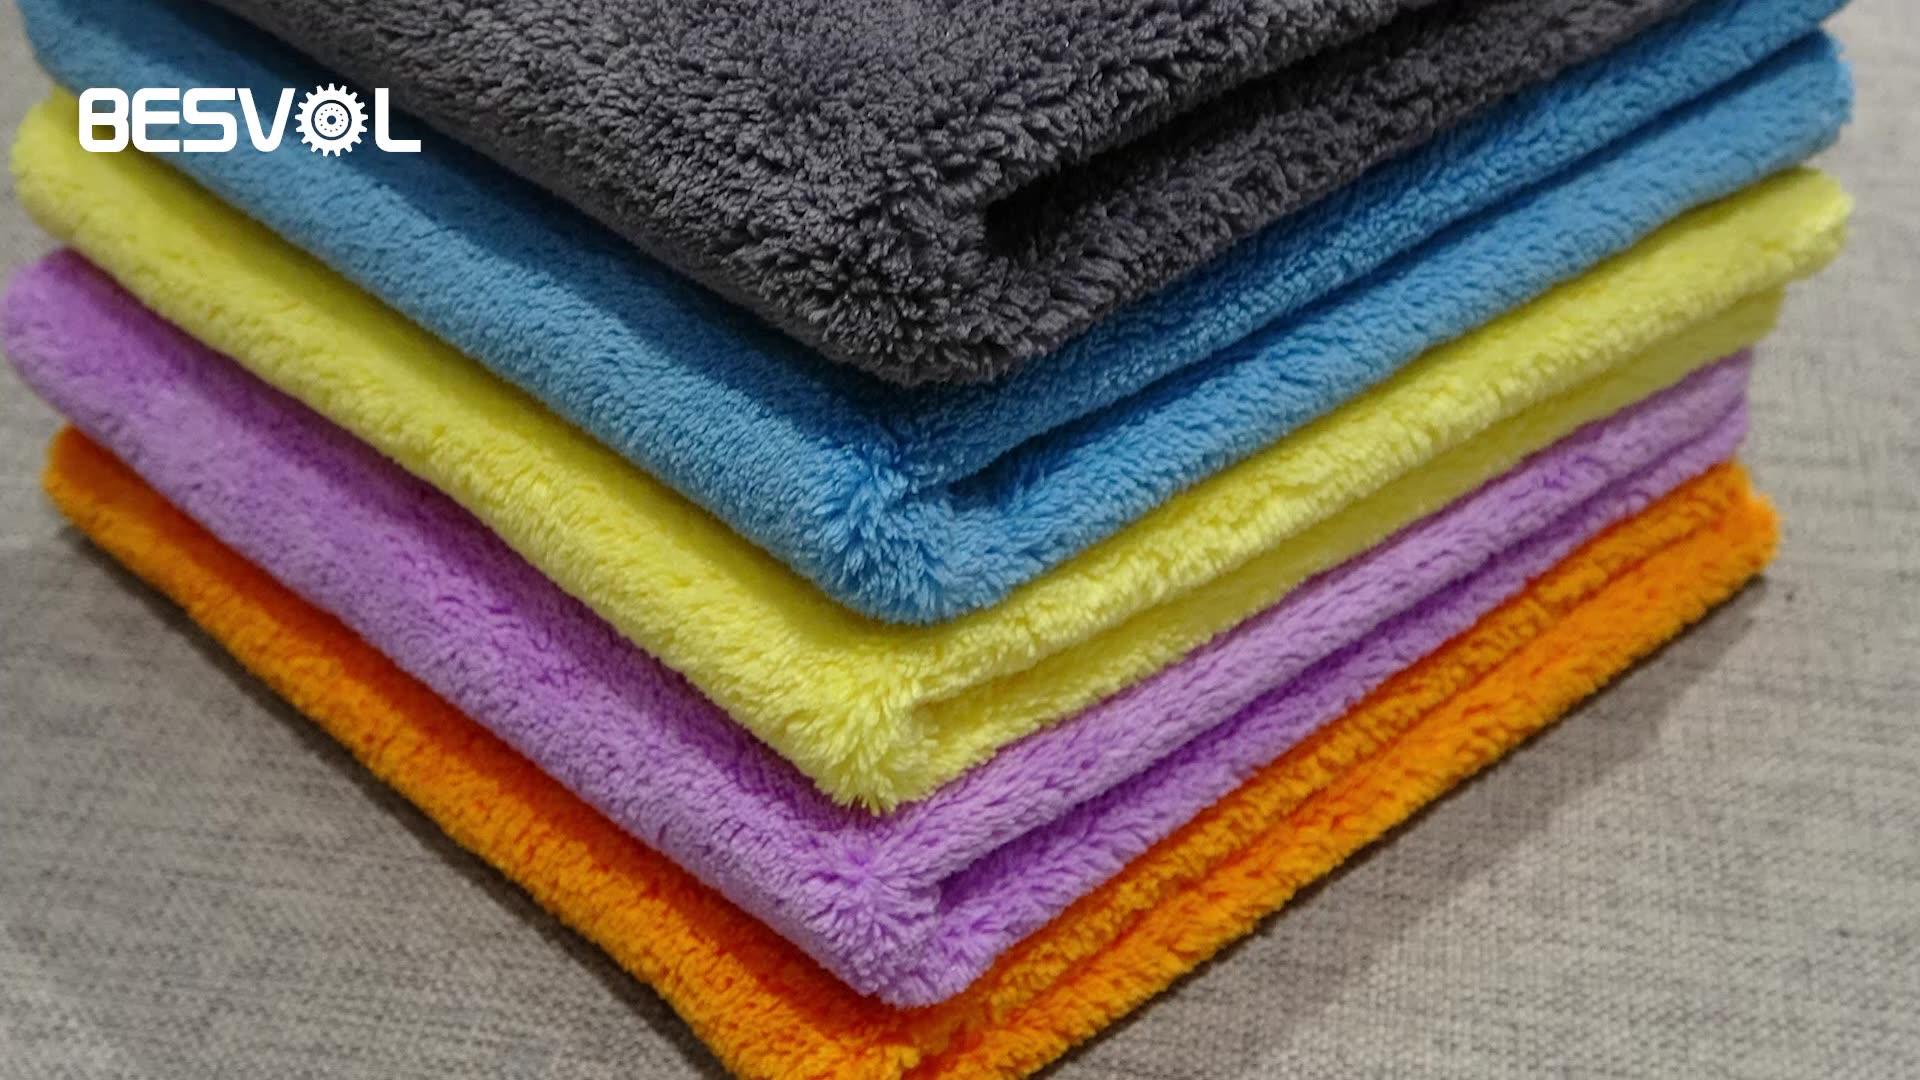 Coral Fleece Super Absorberende Zachte Auto Schoonmaakdoekje Handdoek 500GSM Edgeless Pluche Microfiber Wasstraat Polijsten Drogen Handdoek